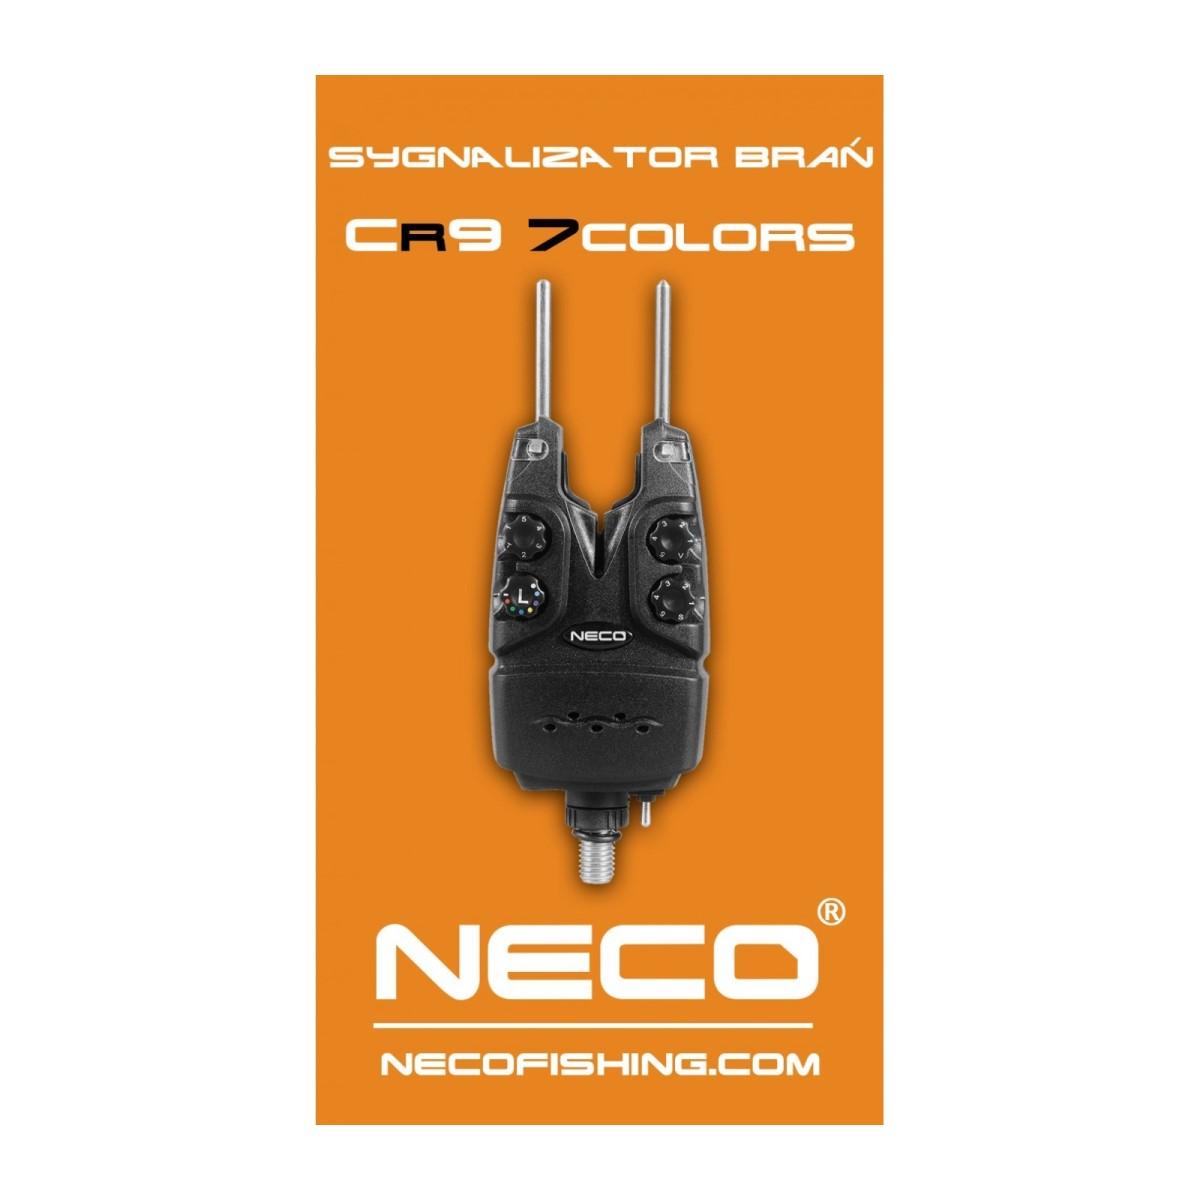 Сигнализатор шарански Neco Cr9 7 Colors